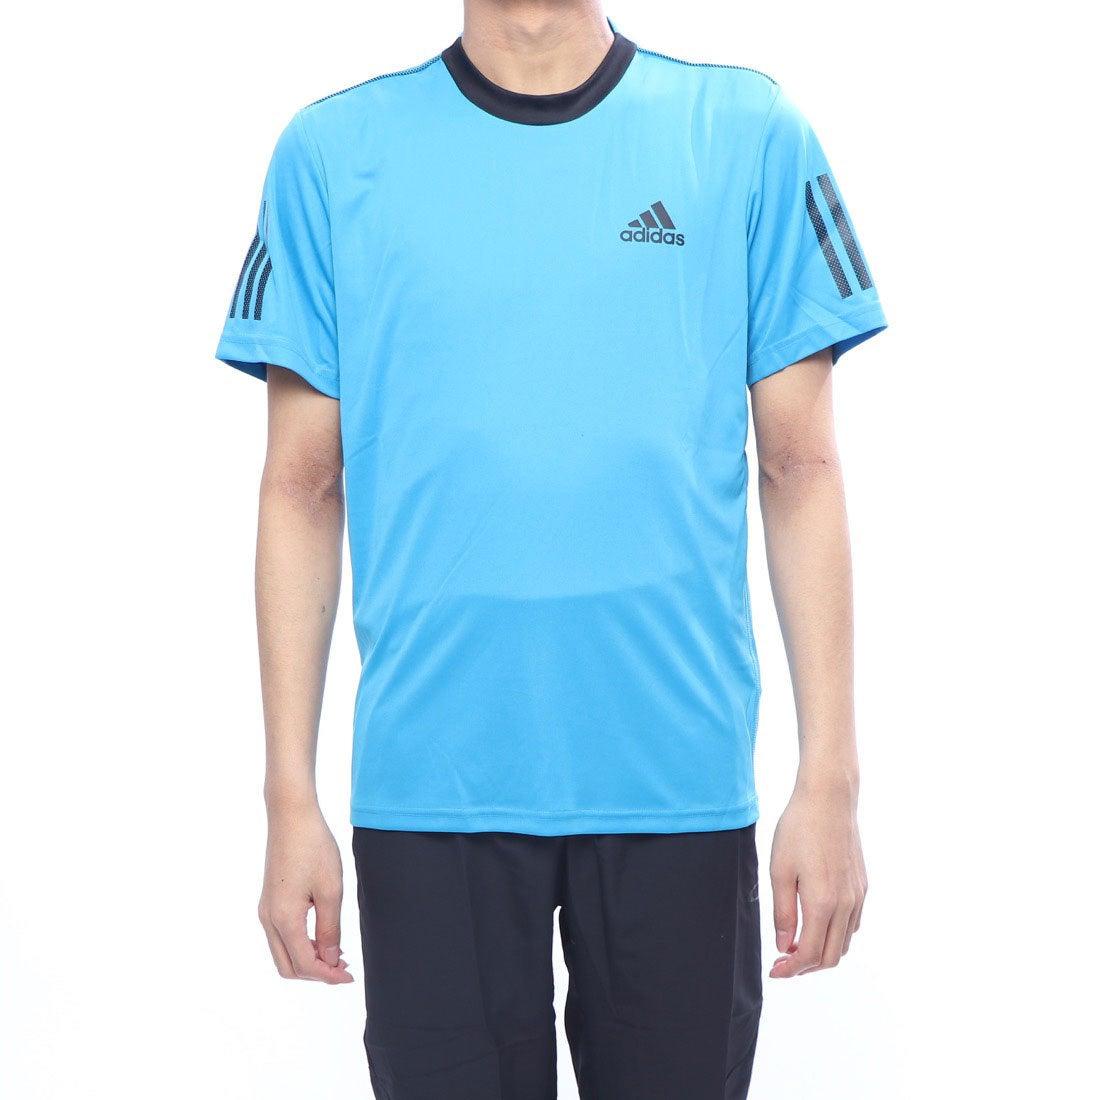 943fb9cb3d393 アディダス adidas メンズ テニス 半袖Tシャツ TENNIS CLUB 3ST TEE DU0861 -レディースファッション通販  ロコンドガールズコレクション (LOCONDO GIRL'S COLLECTION)